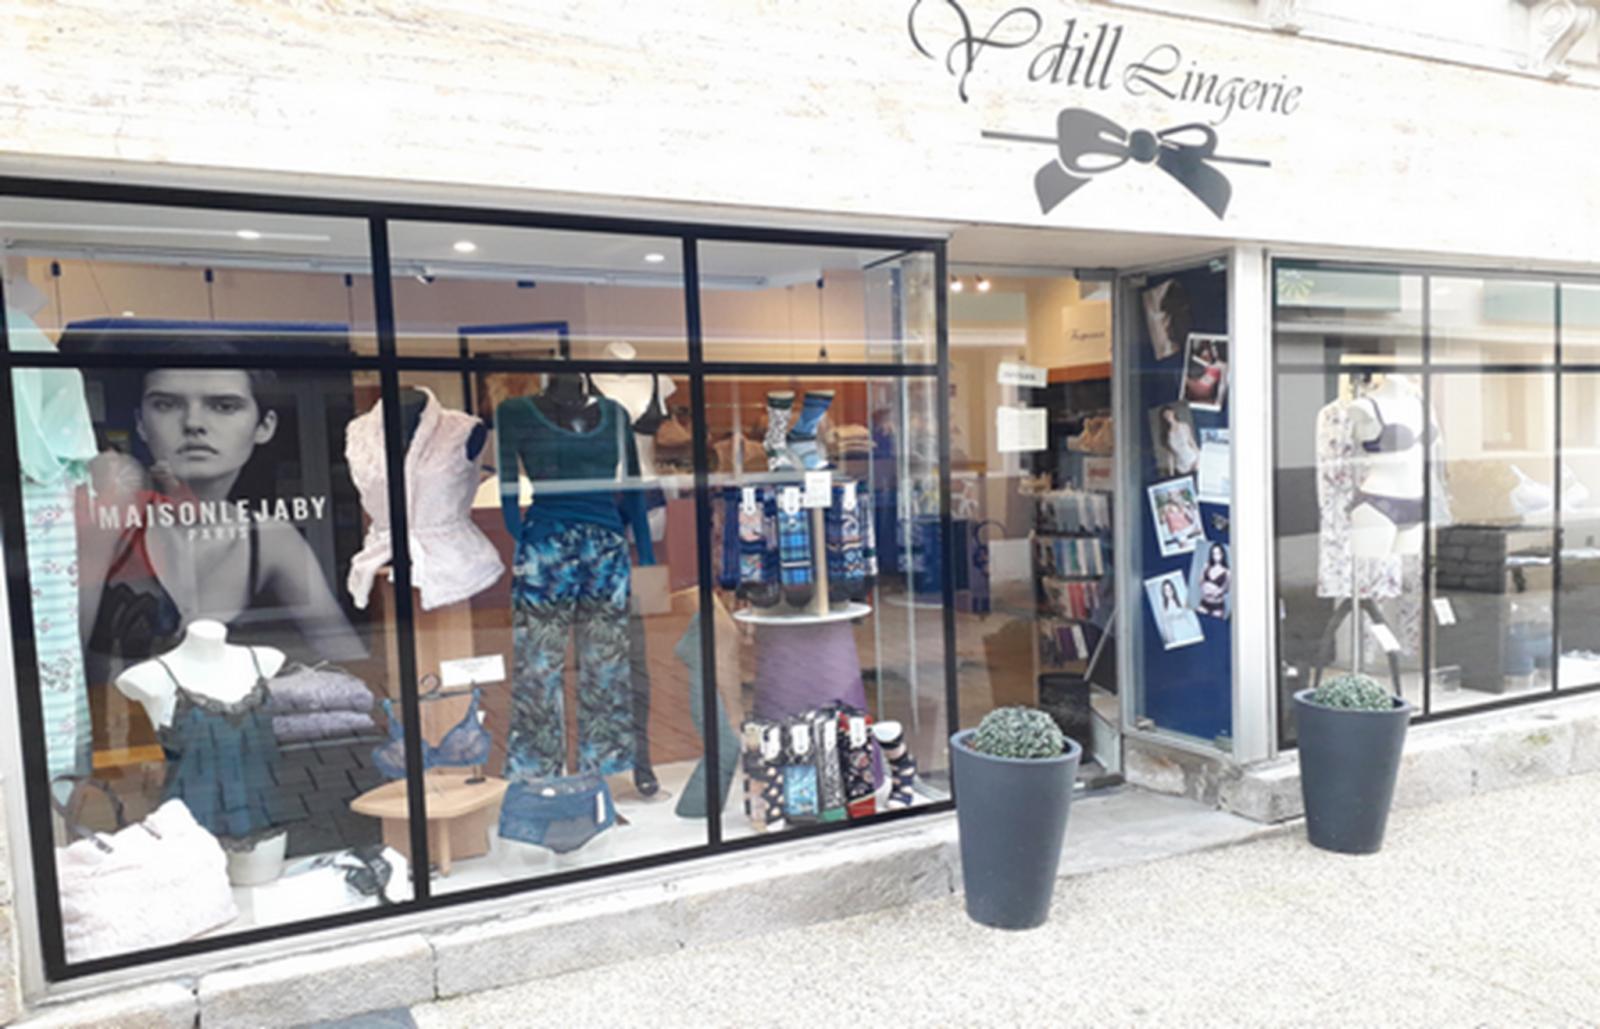 Ydill Lingerie Muzillac Morbihan